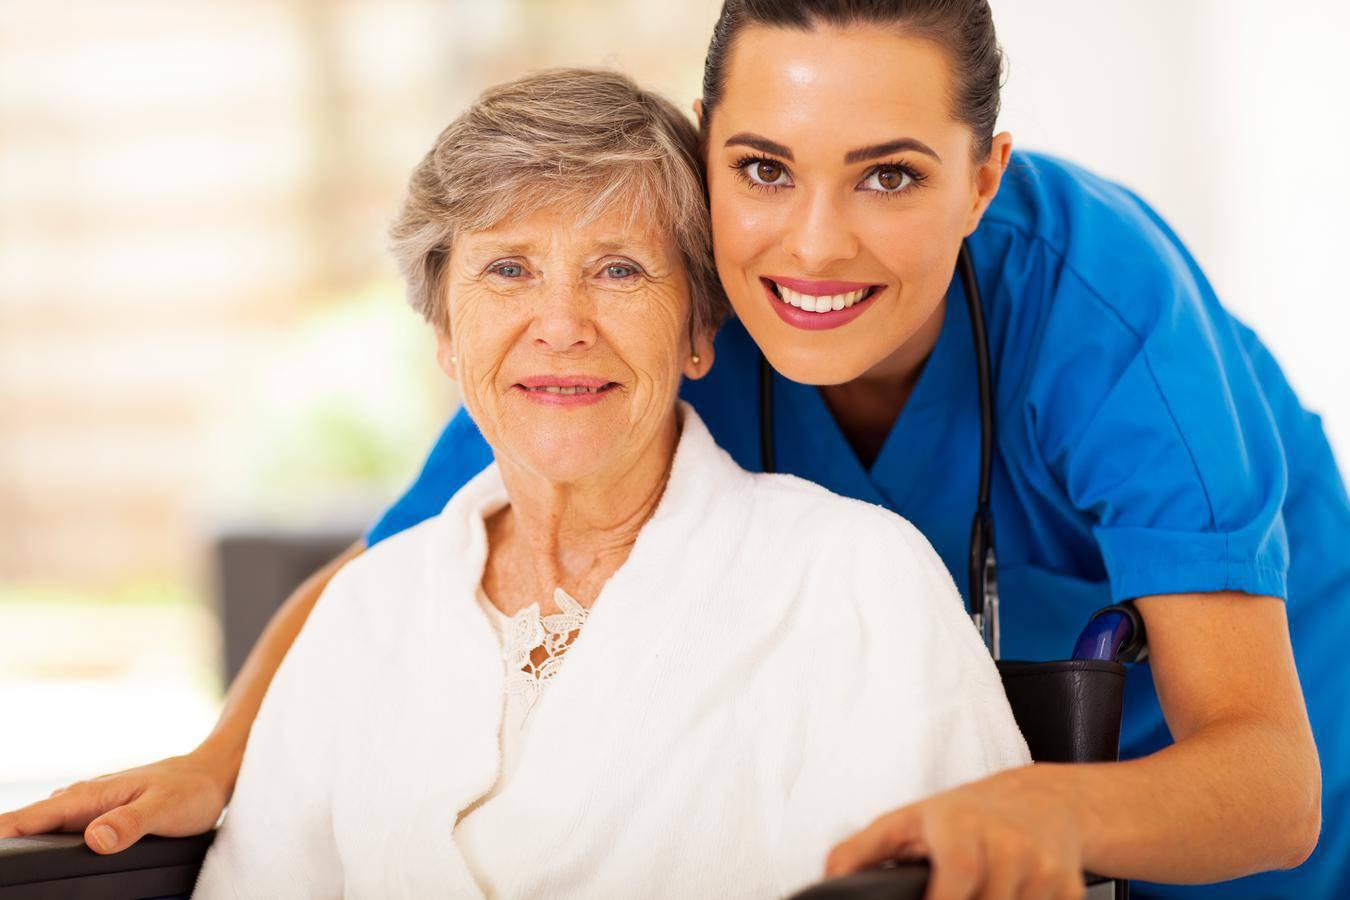 Gesundheits- und Krankenpfleger/in - Operationsdienst